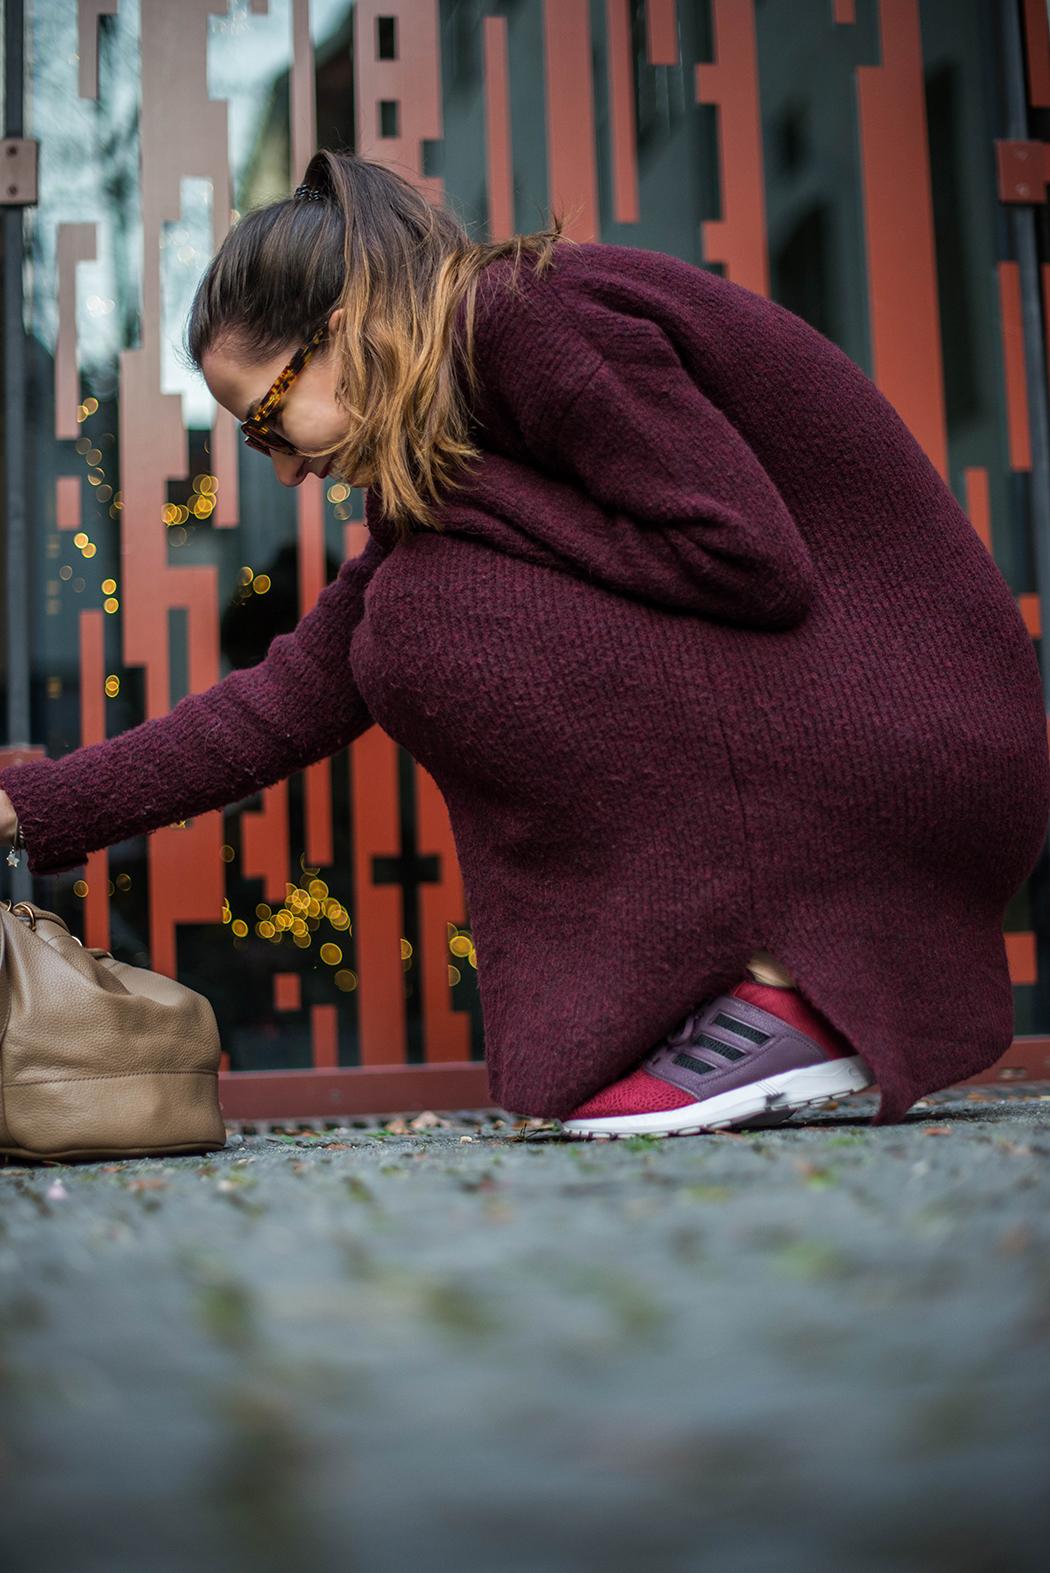 Lindarella-Fashionblogger-München-Outfitpost-12